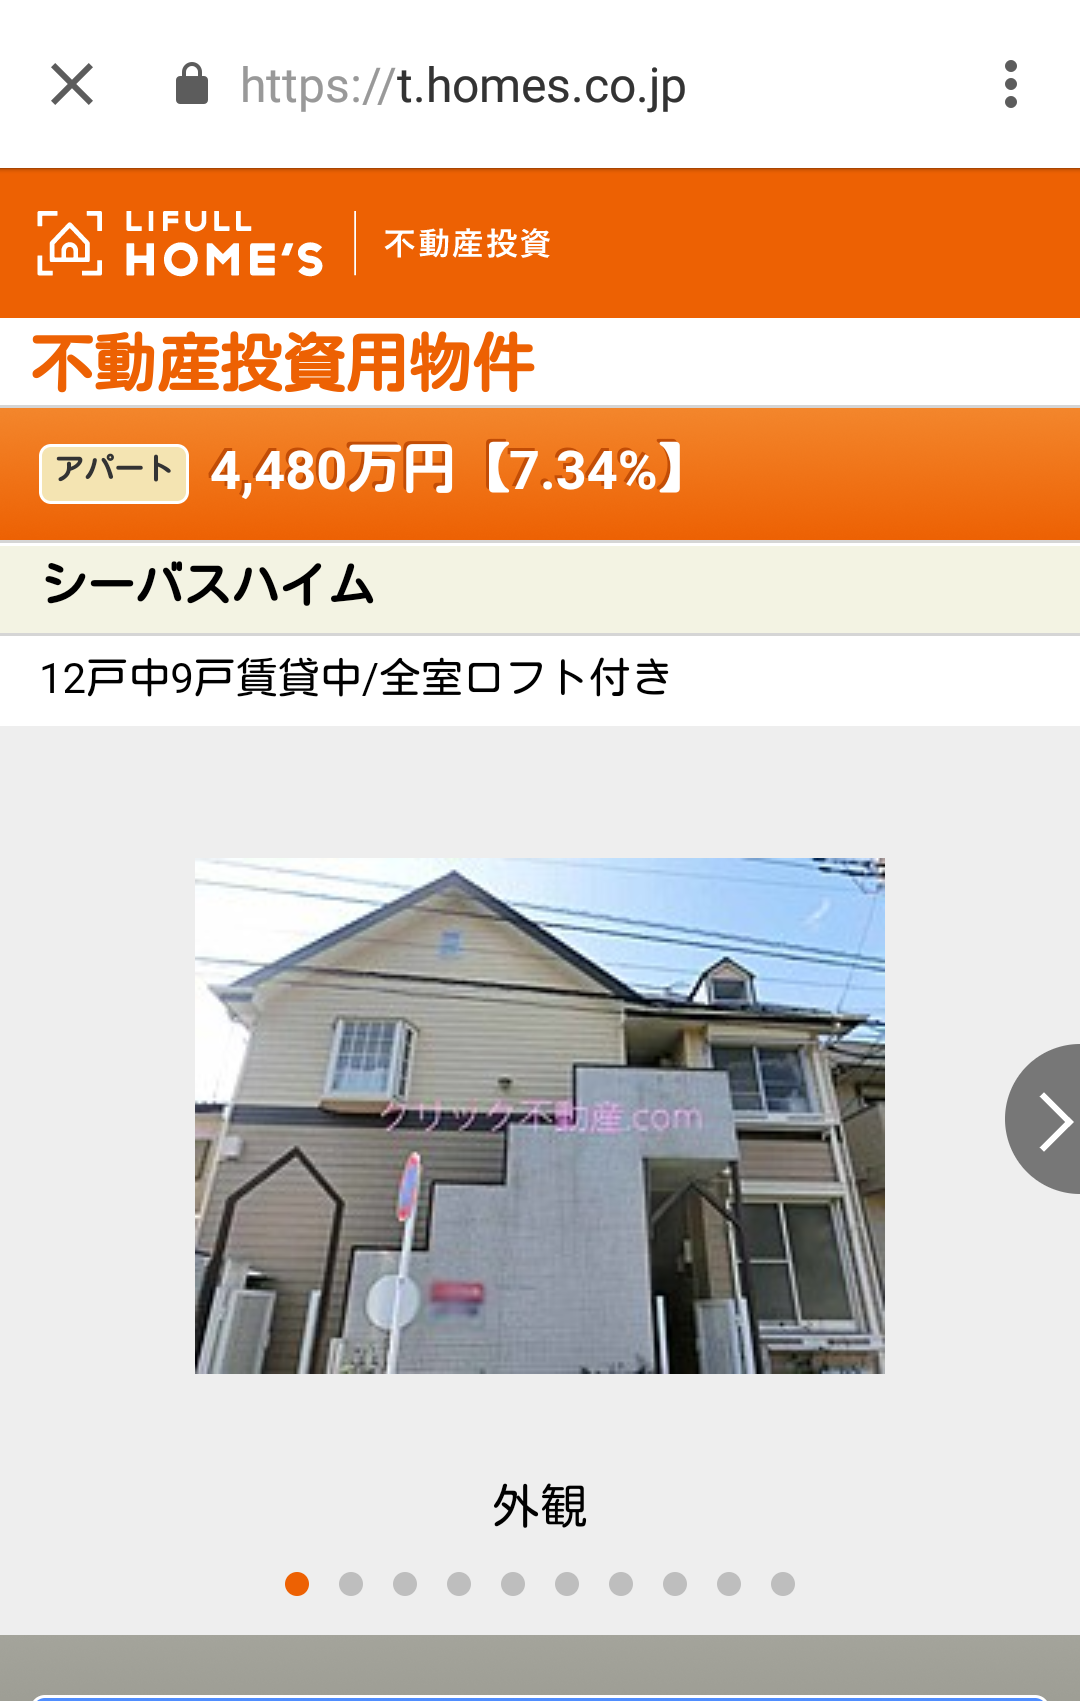 【座間事件のアパート】実はいまだ退去者ゼロ「2万円でも普通」